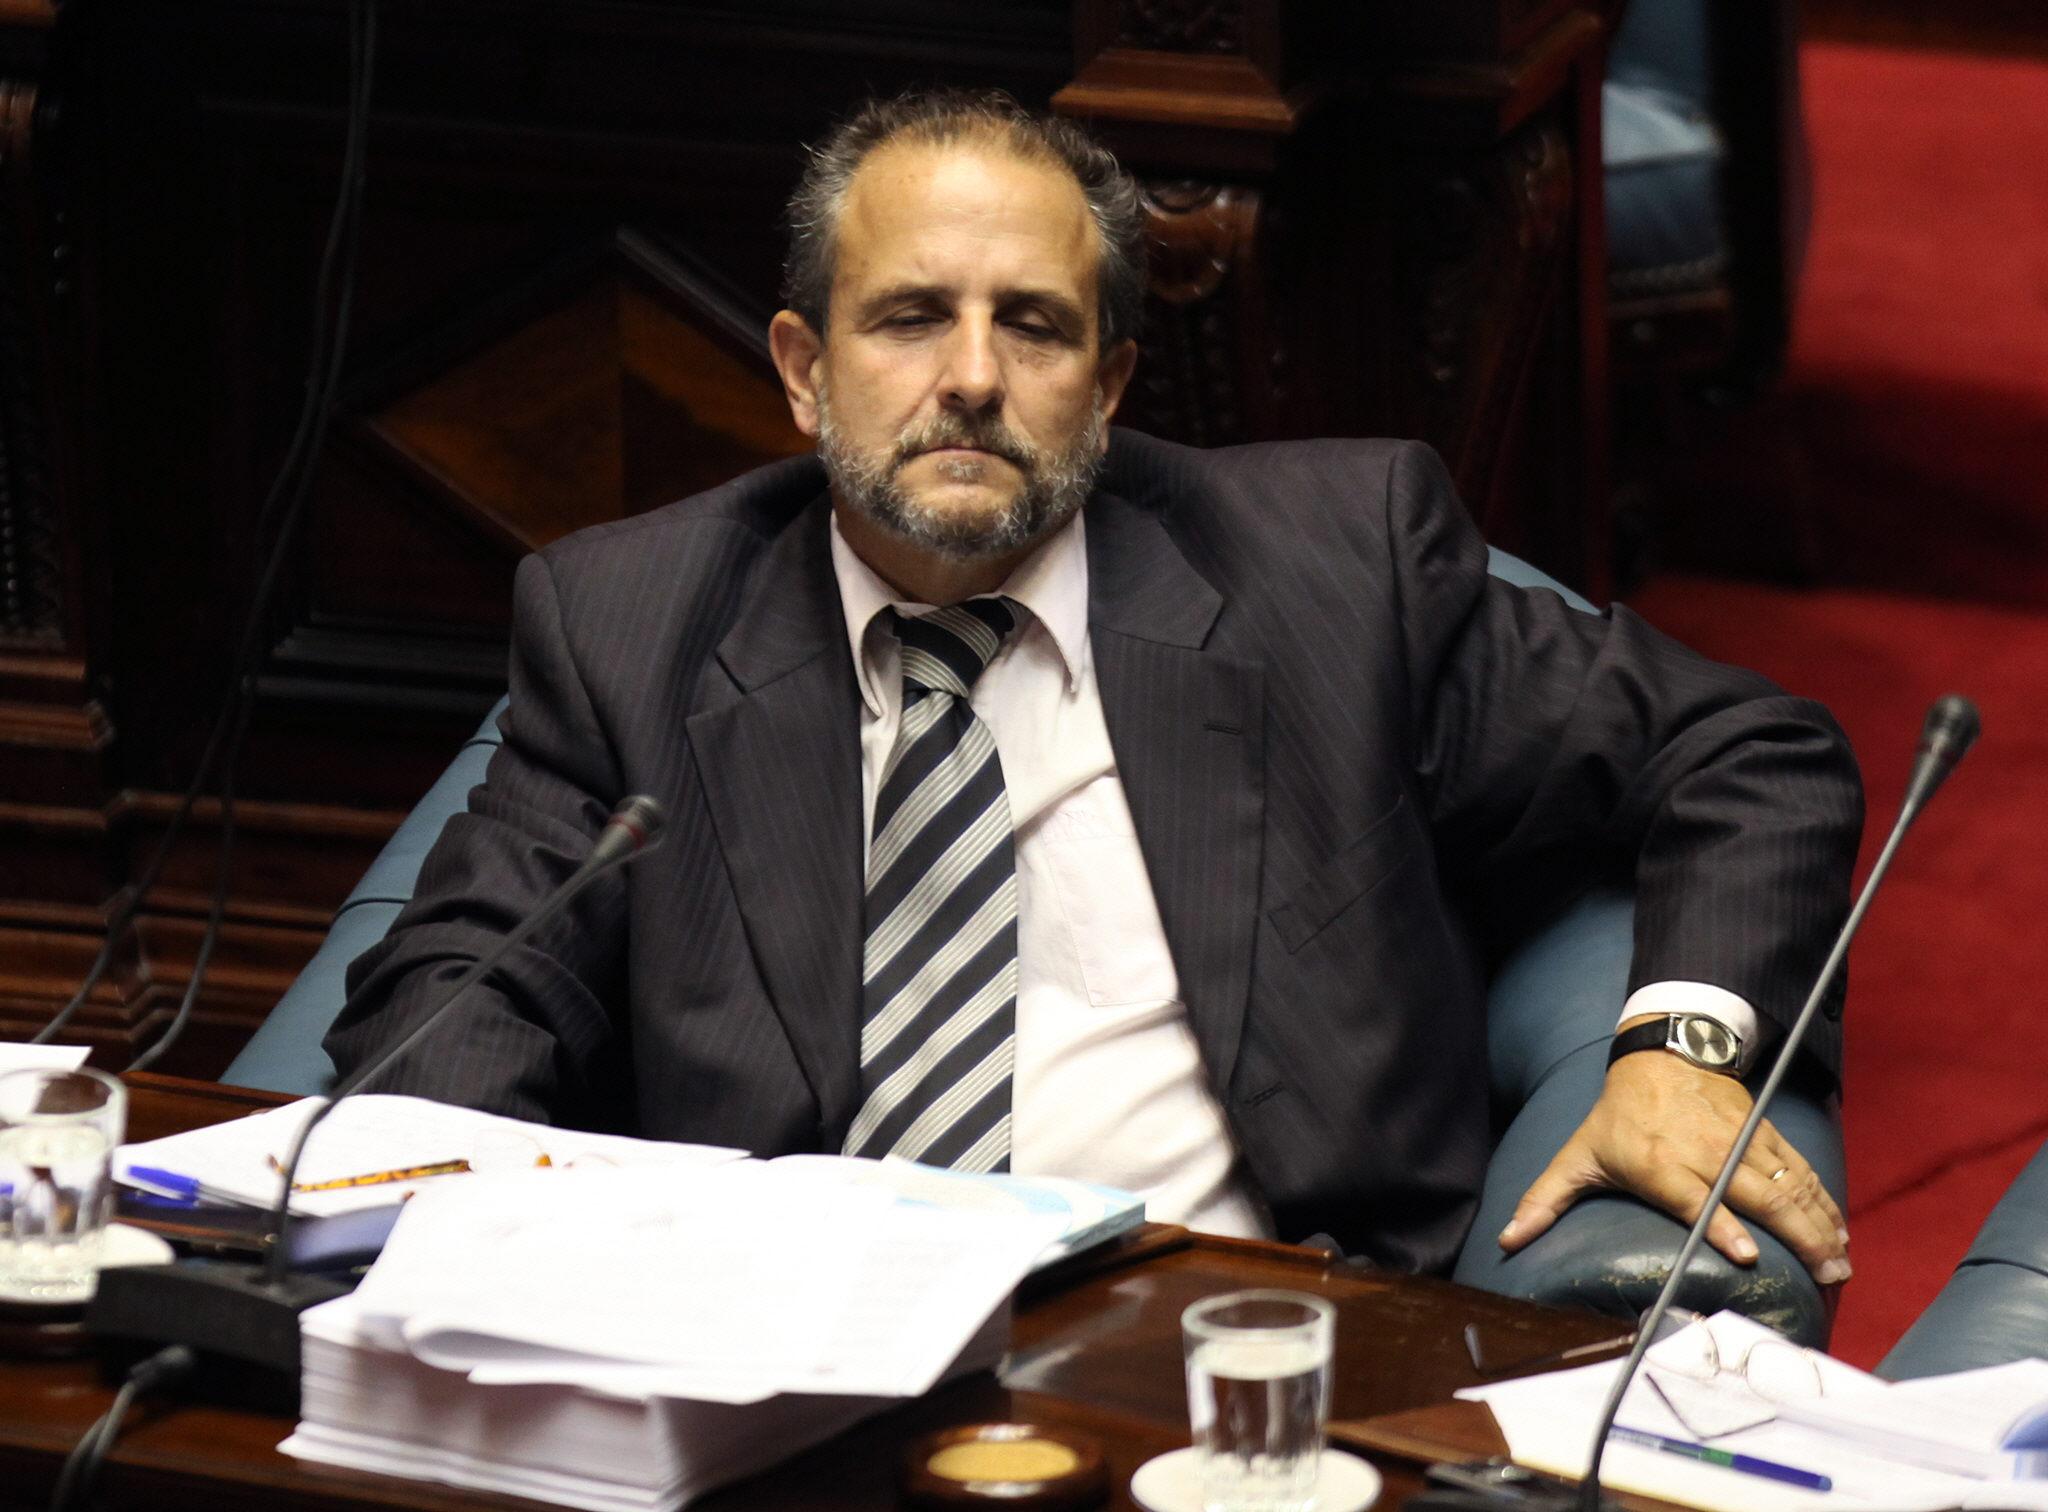 Candidato a la presidencia de Uruguay herido al entrar unos ladrones en su casa